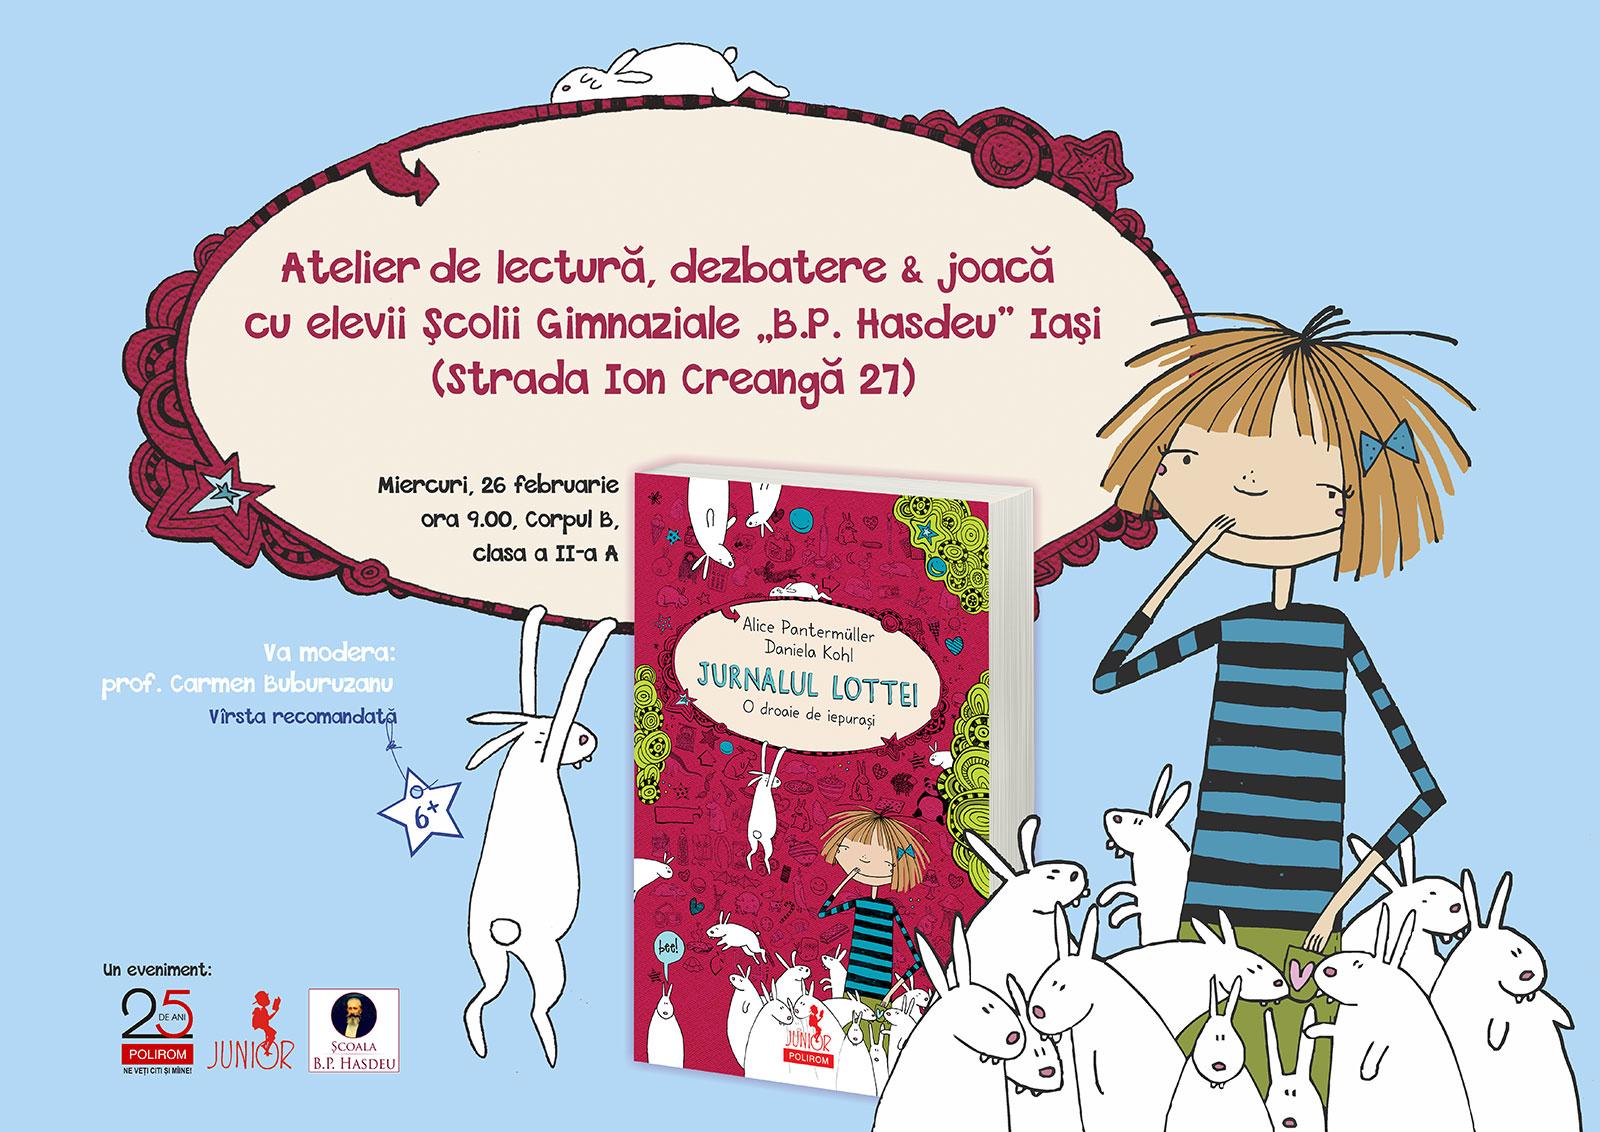 Ateliere de lectură Polirom Junior la Iași